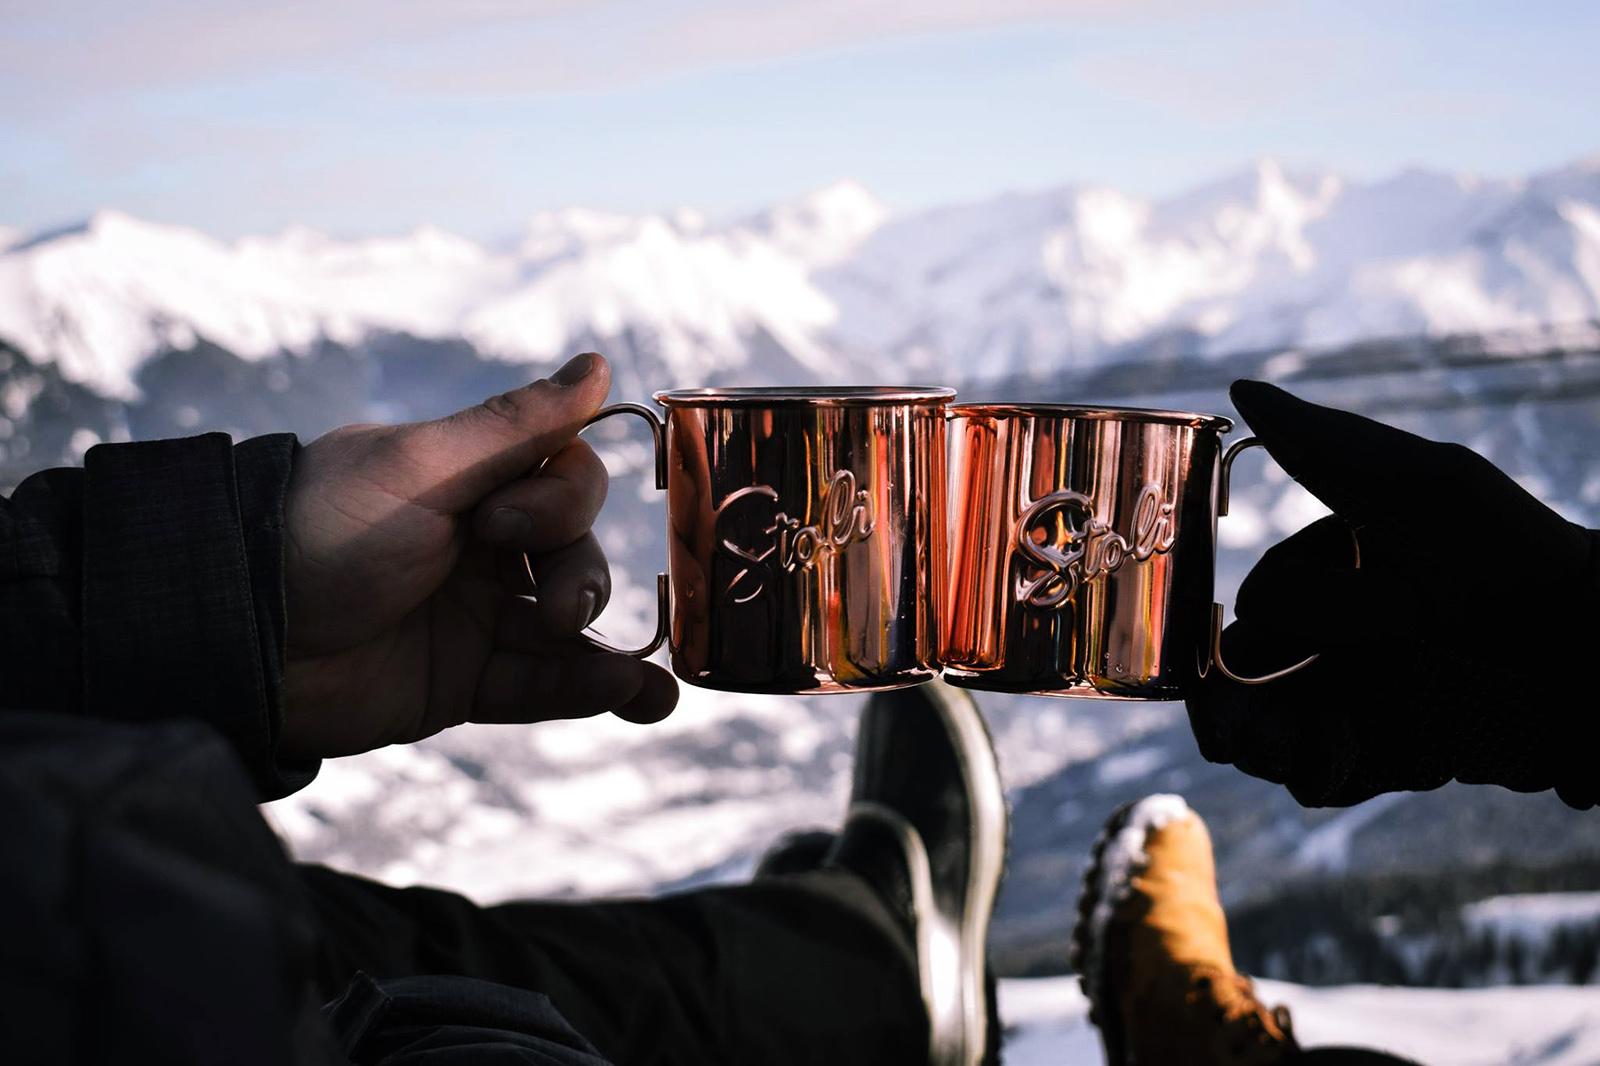 Anstossen mit Glühwein im Kupferbecher mit Blick über die imposante Bergwelt Gasteins